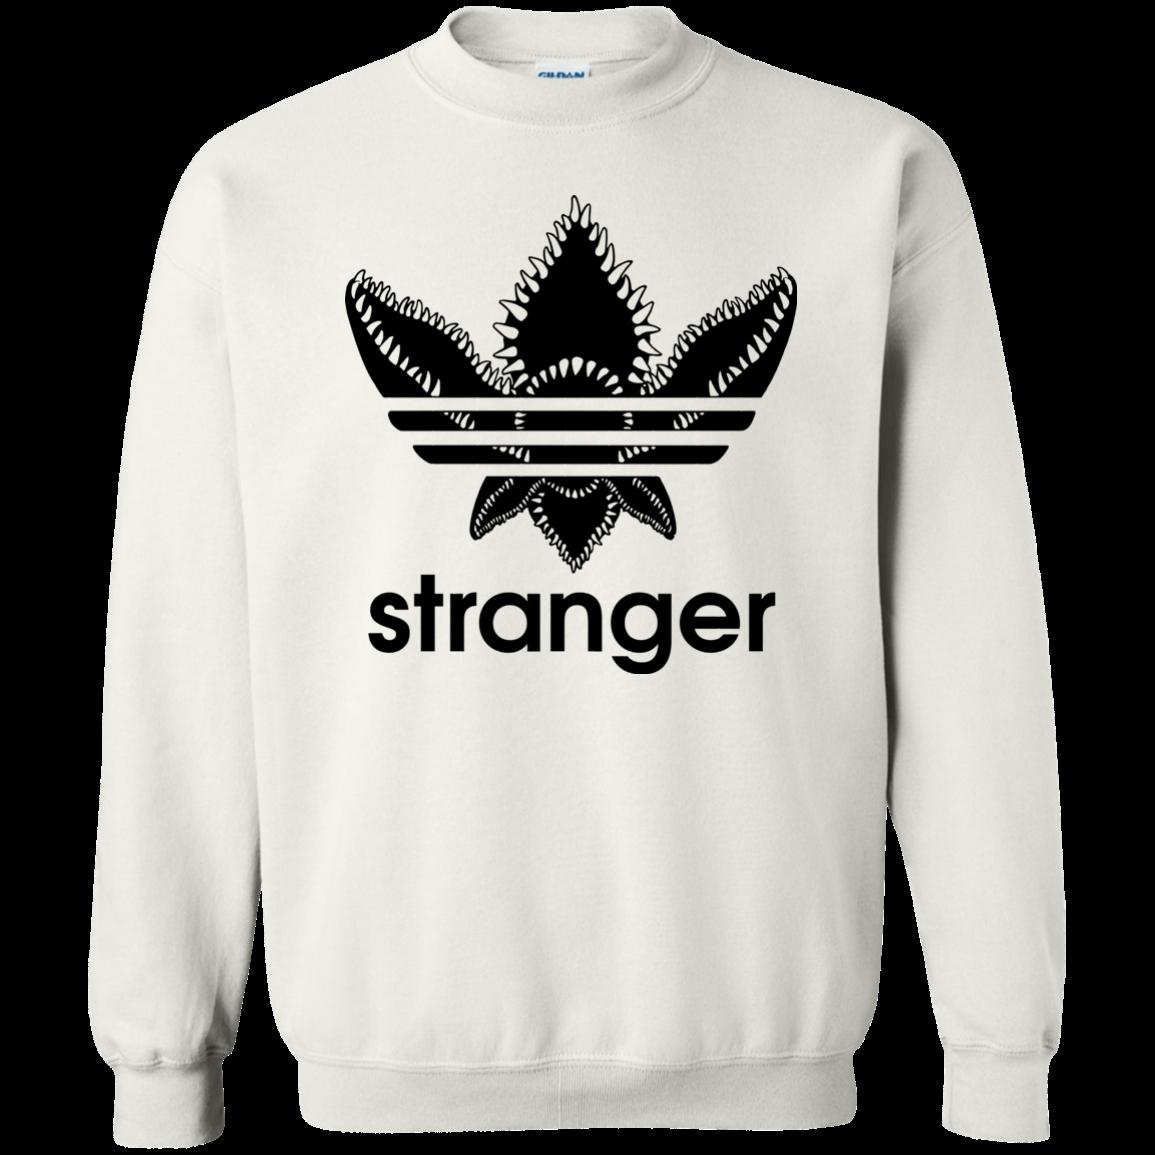 Stranger Things Stranger Demogorgon Adidas Shirt Hoodie Long Sleeve Stranger Things Shirt Stranger Things Outfit Stranger Things Hoodie [ 1155 x 1155 Pixel ]